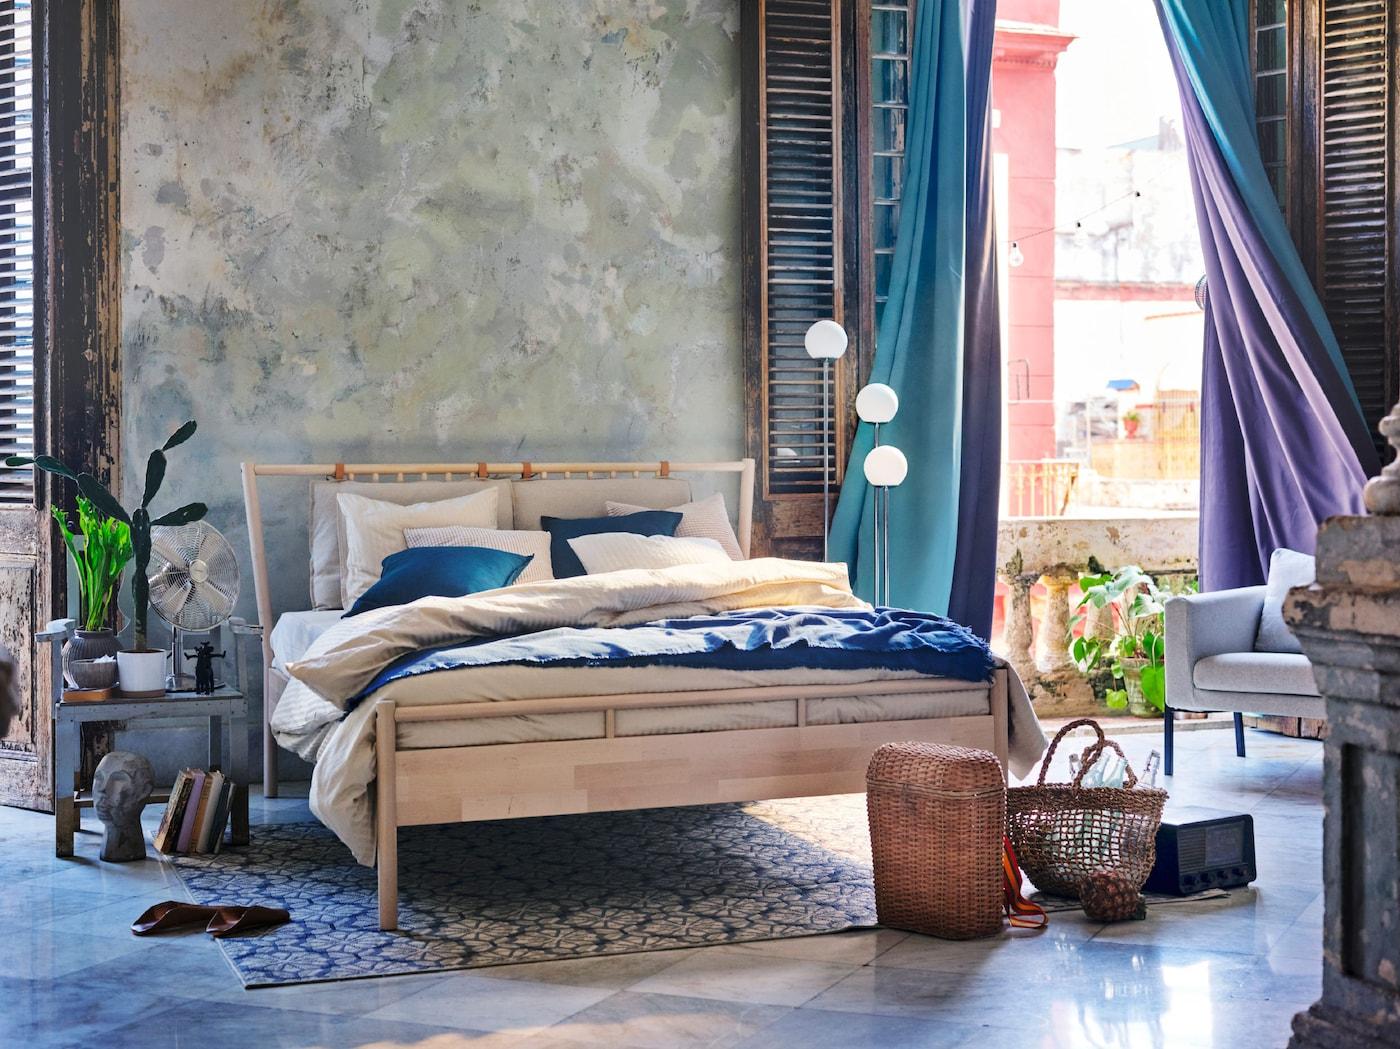 Um quarto em tons de azul acinzentado com cortinados opacos em turquesa e roxo a esvoaçar com o vento.